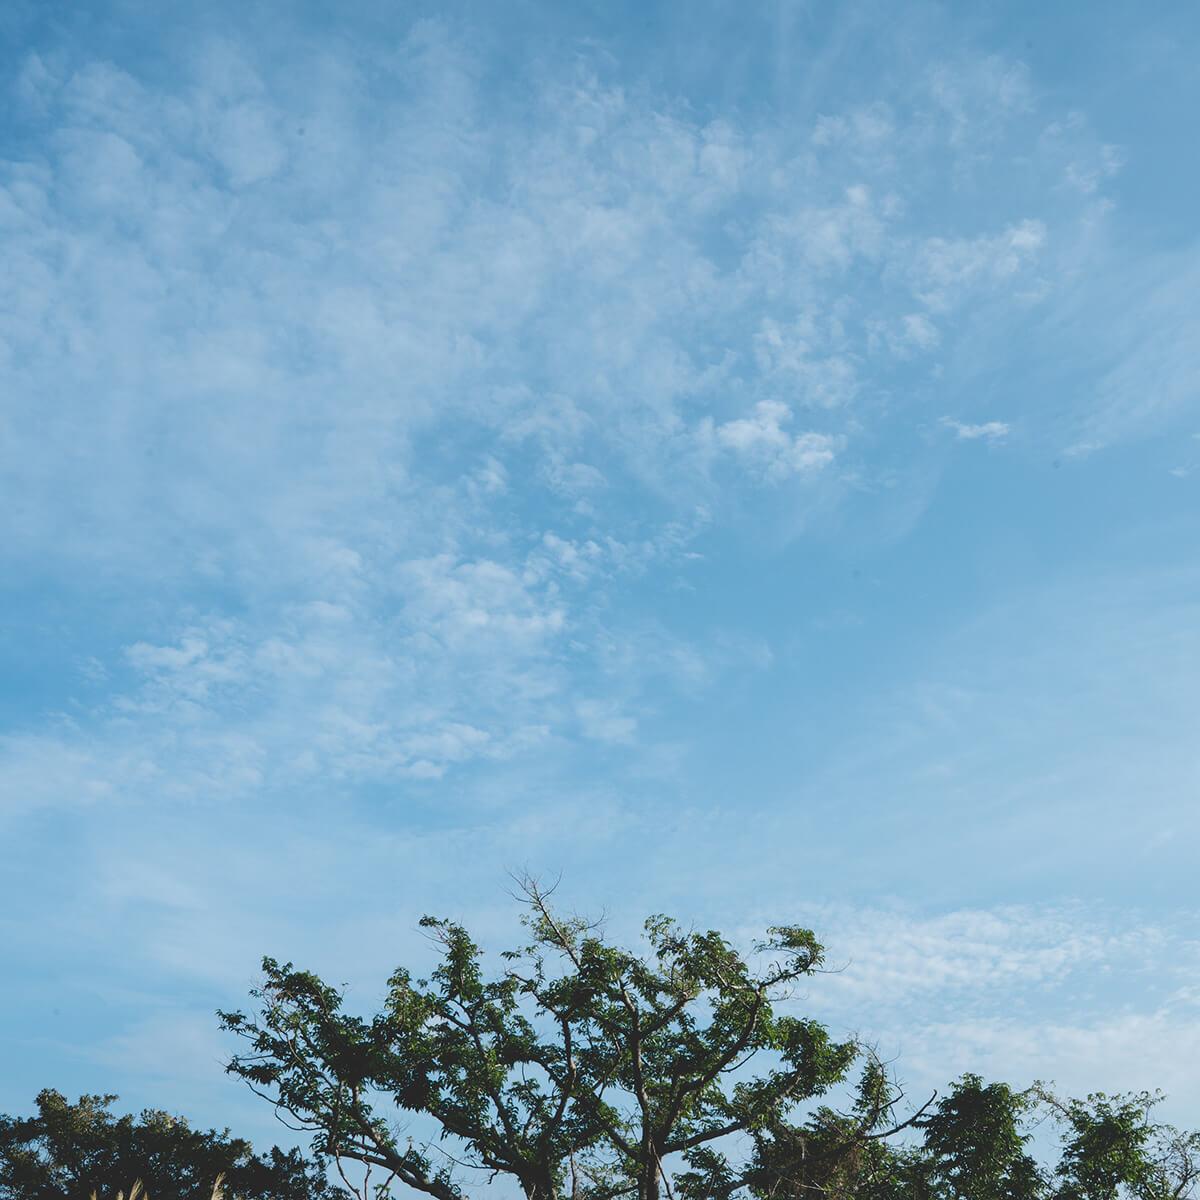 屋久島の空 屋久島日々の暮らしとジュエリー オーダーメイドジュエリーのインスピレーション